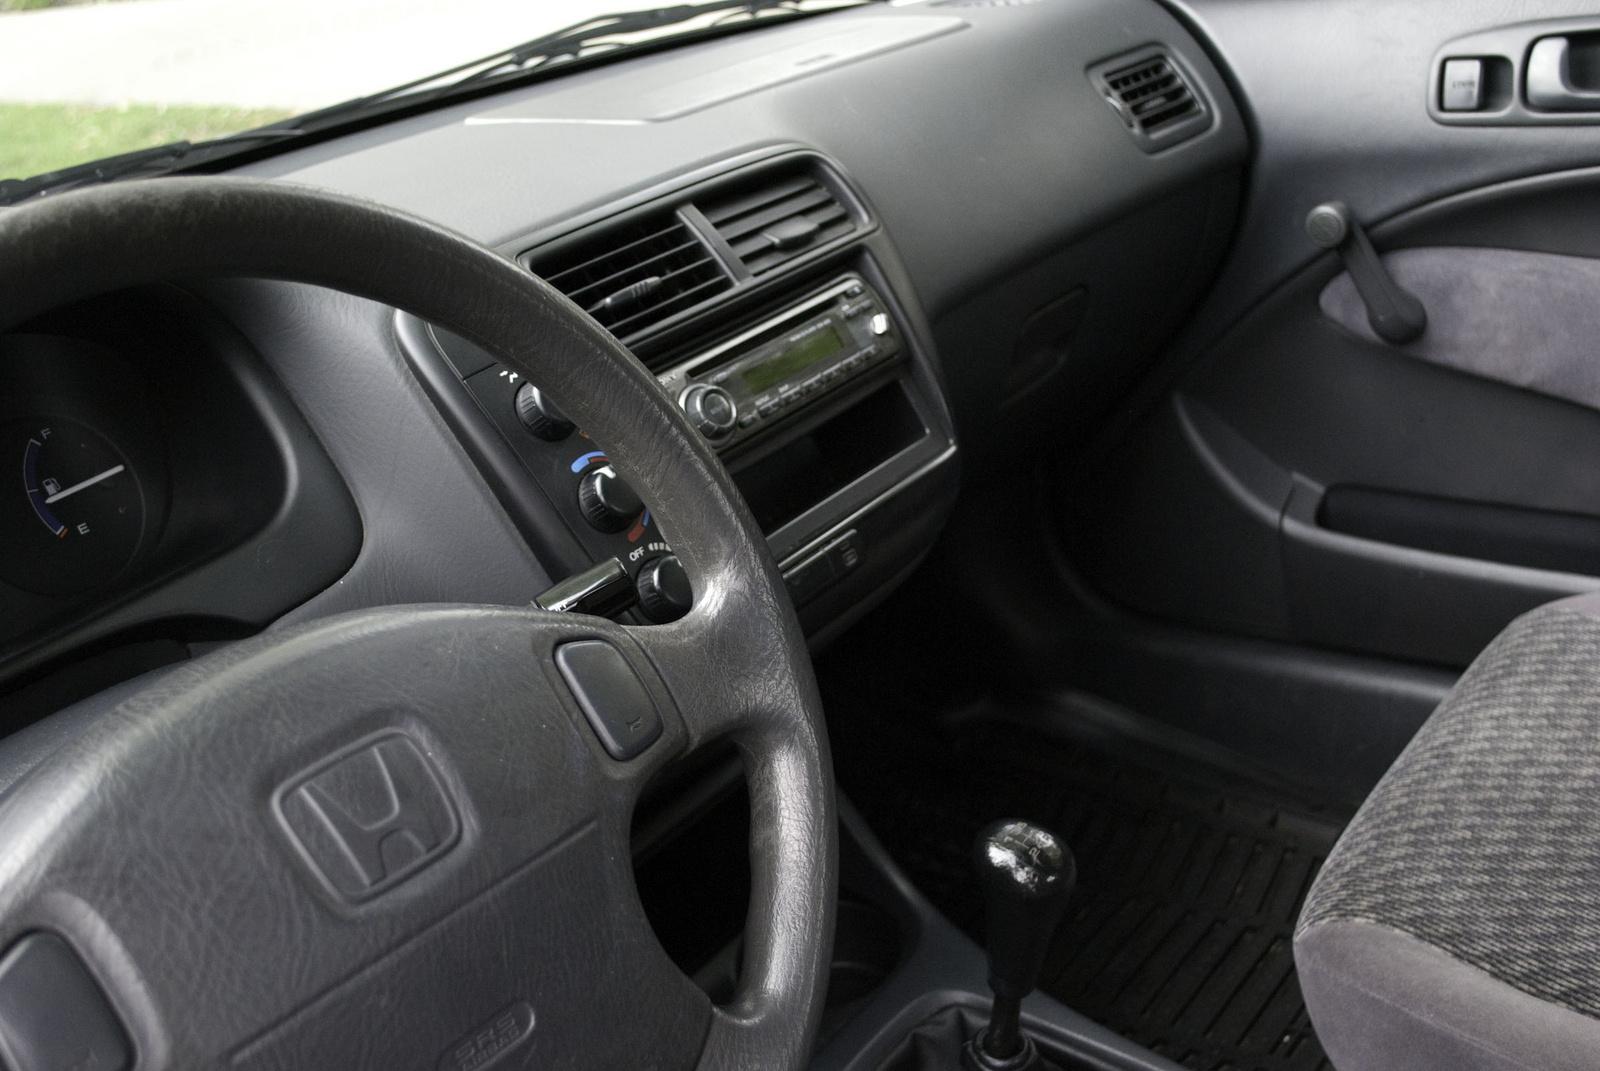 1999 honda civic pictures cargurus - 1996 honda civic hatchback interior ...